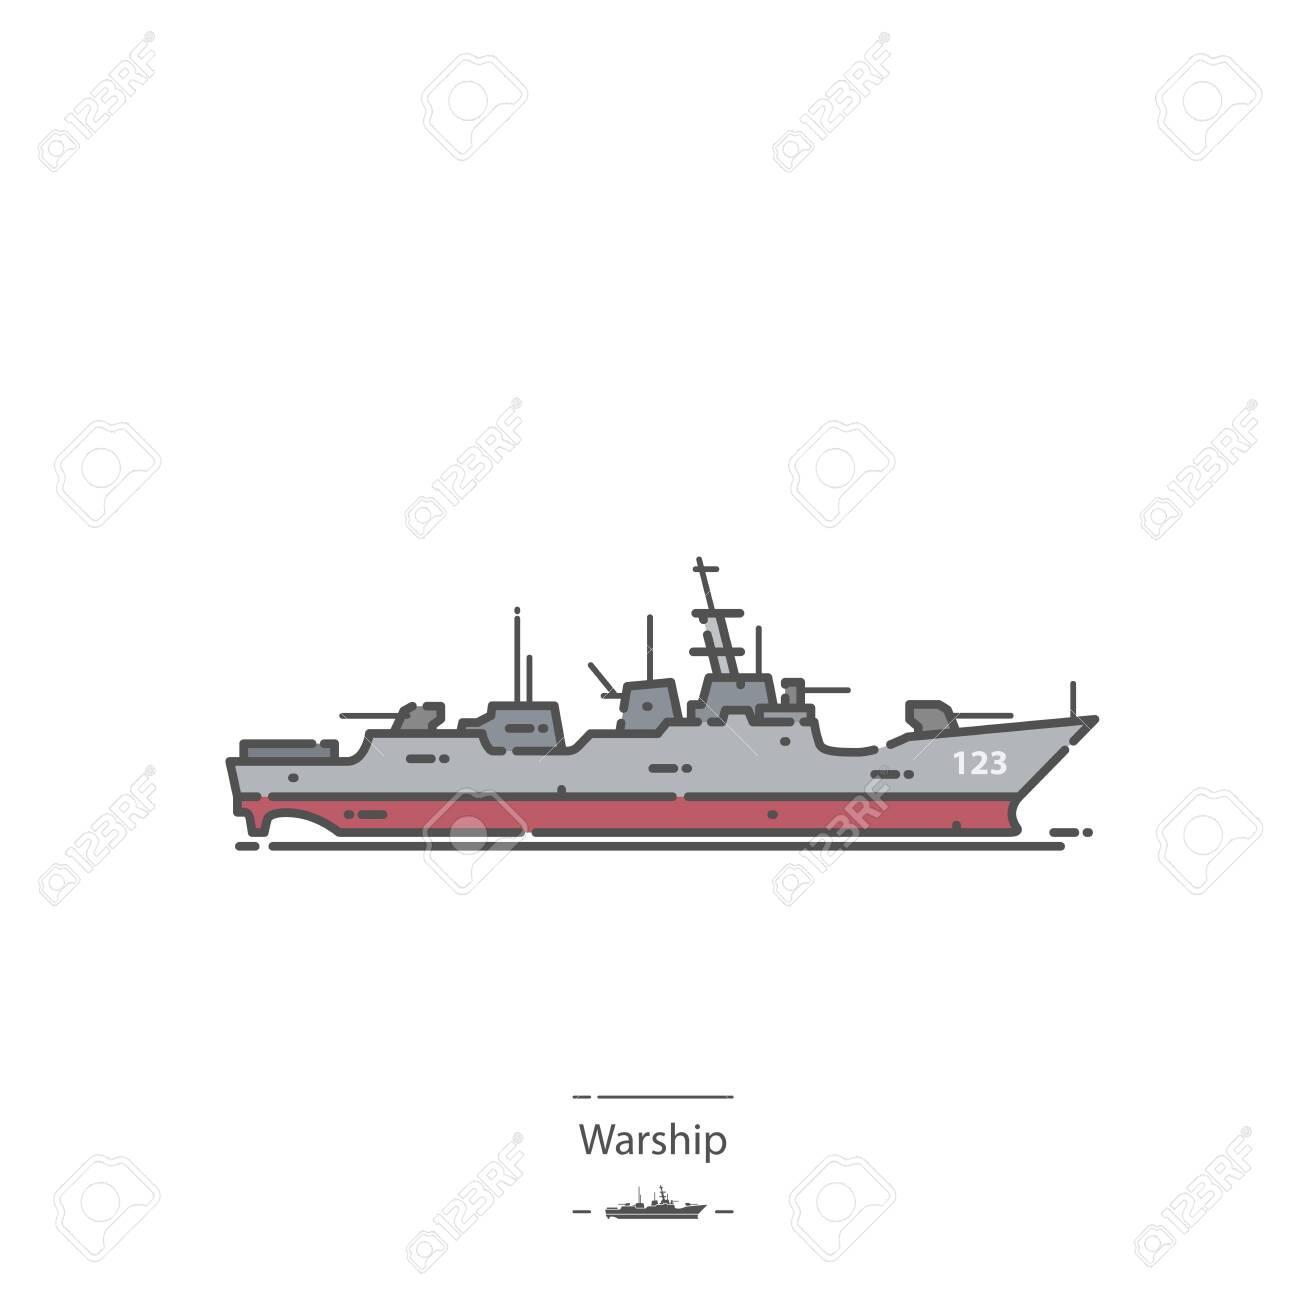 Warship - Line color icon - 137320164